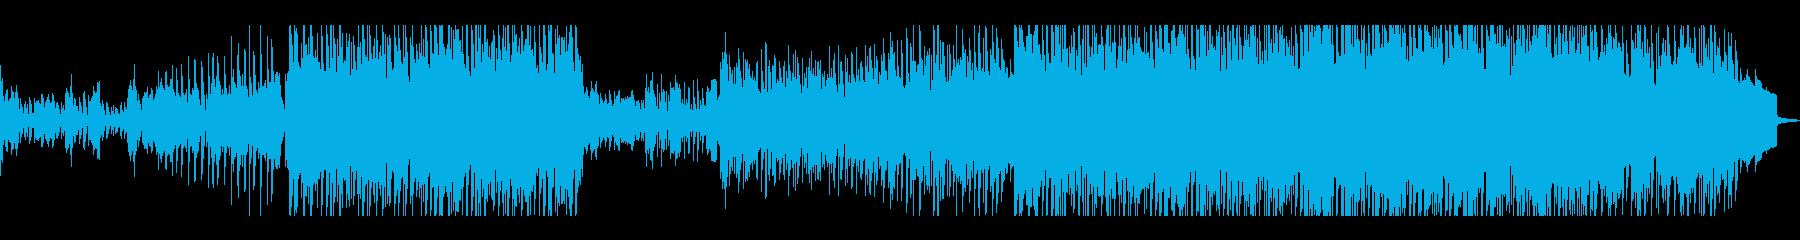 未来 ベース スタイリッシュ シン...の再生済みの波形